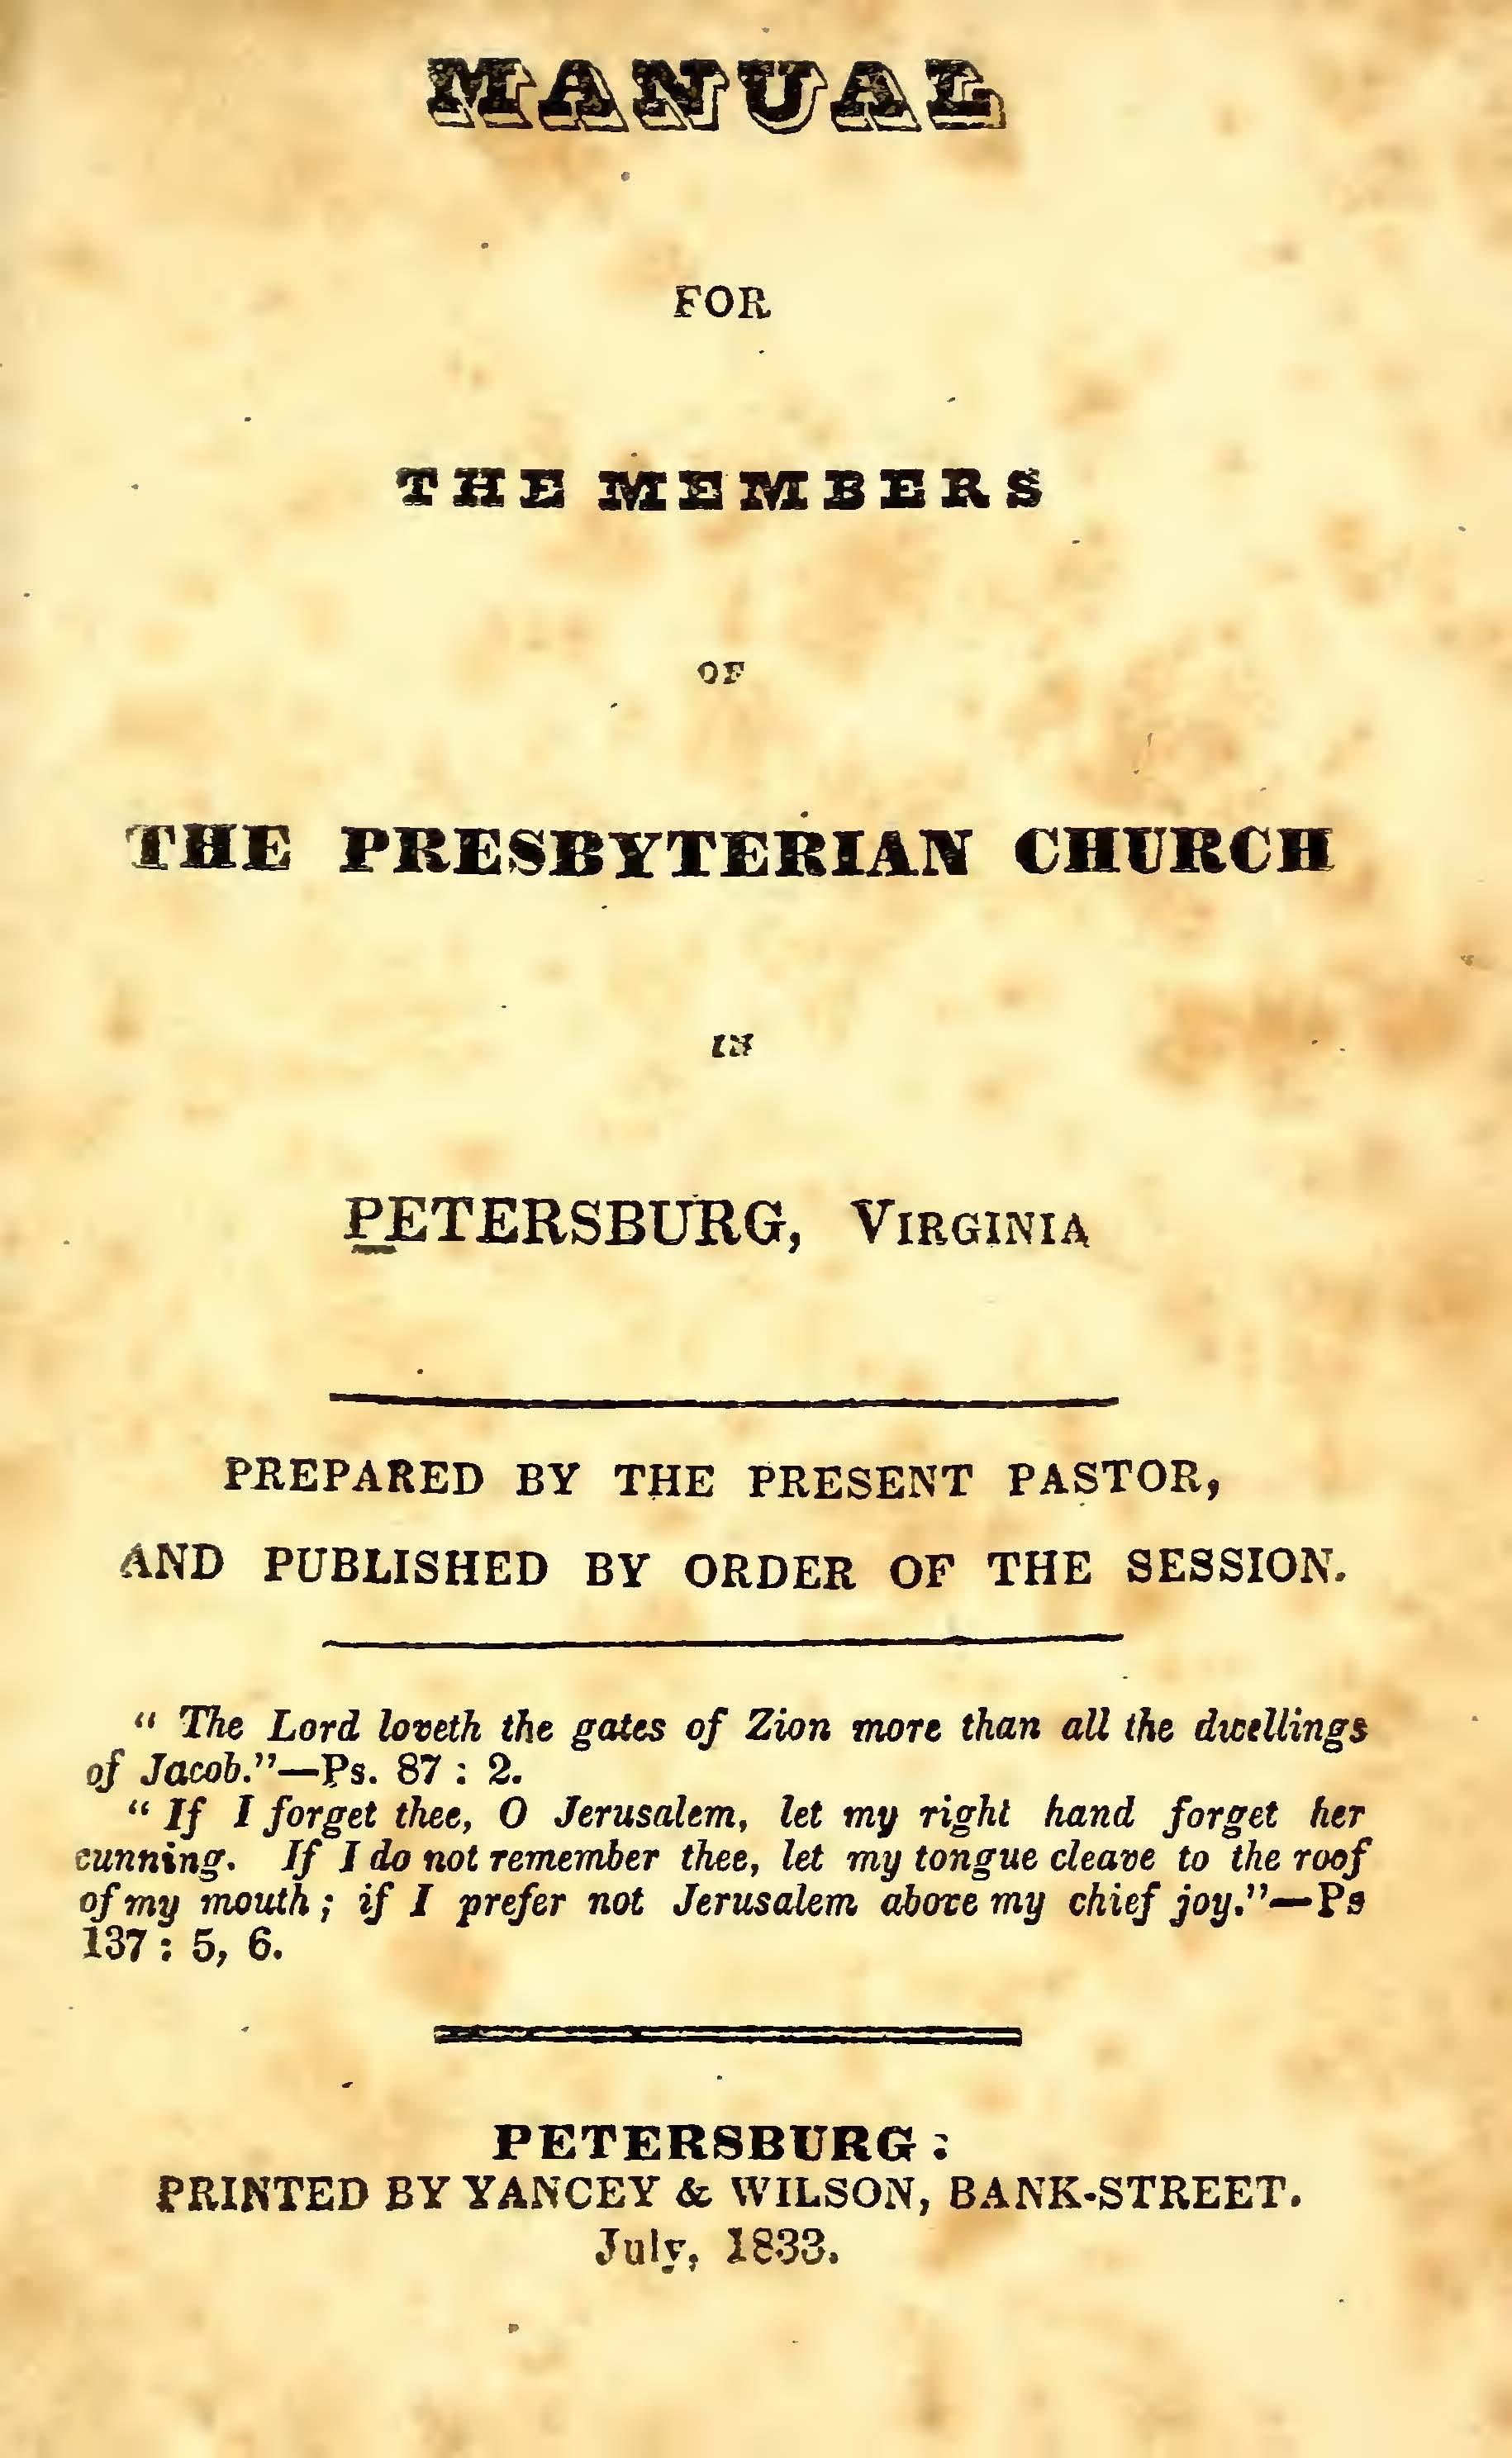 Plumer, Manual for Members of Petersburg Church - edited.jpg